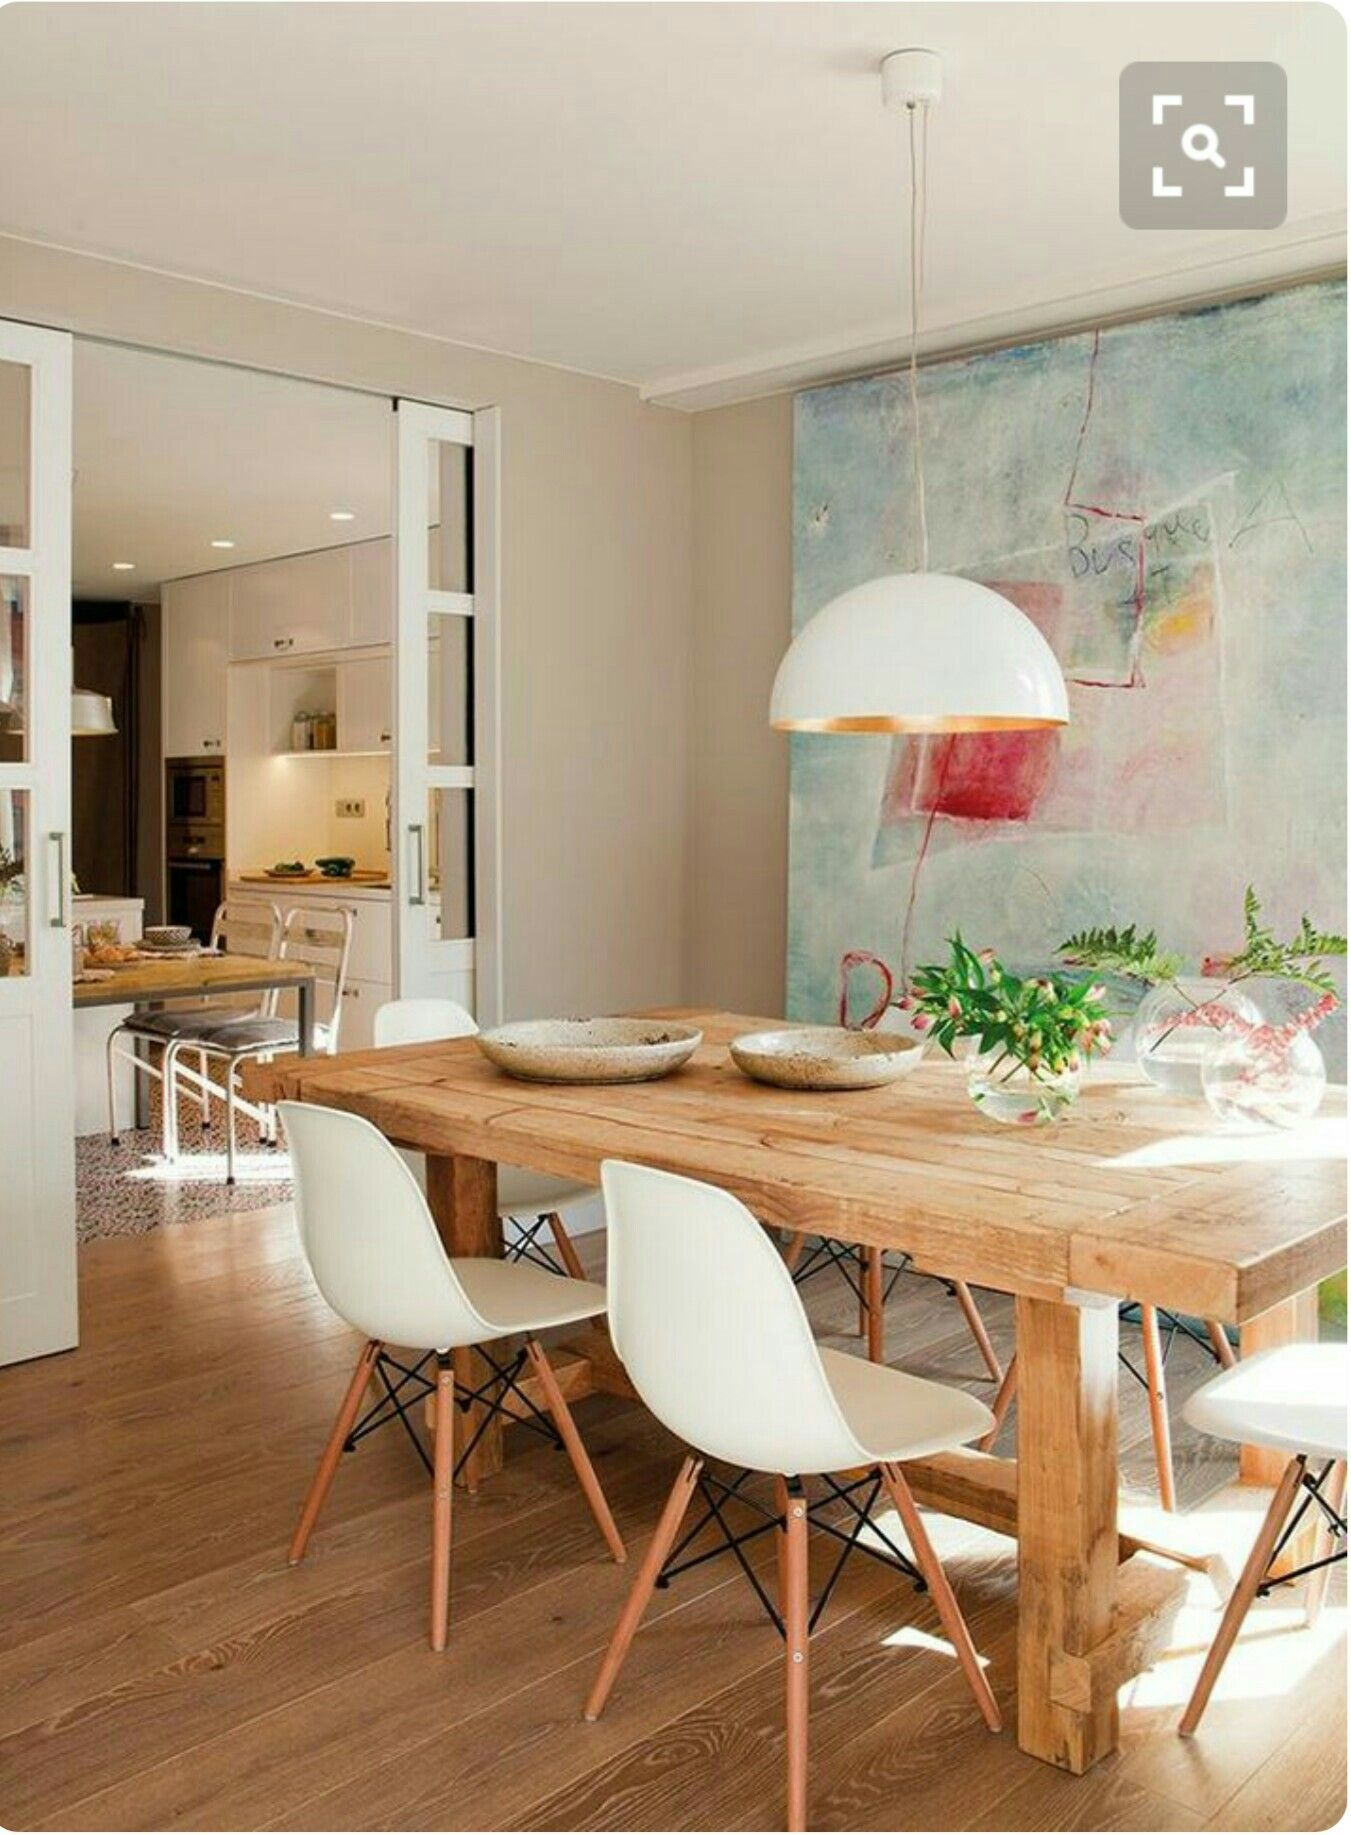 Küche Esszimmer, Wohnzimmer Ideen, Abstrakte Malerei, Einrichtung, Rund Ums  Haus, Kleines Zuhause, Runde, Laminat, Renovieren